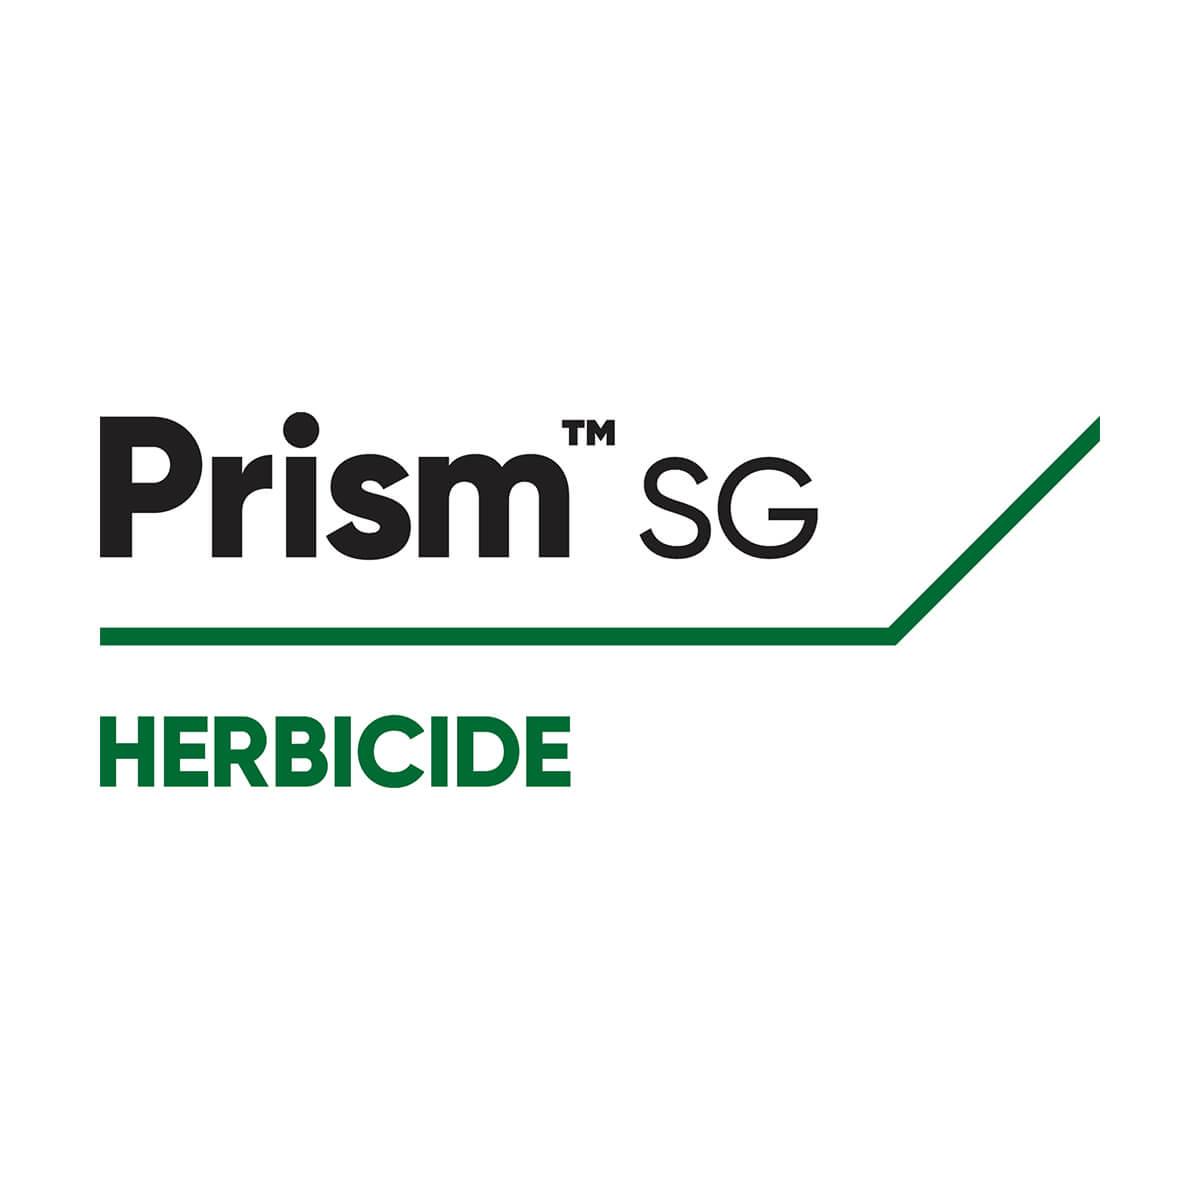 PRISM SG - 480 g Jub